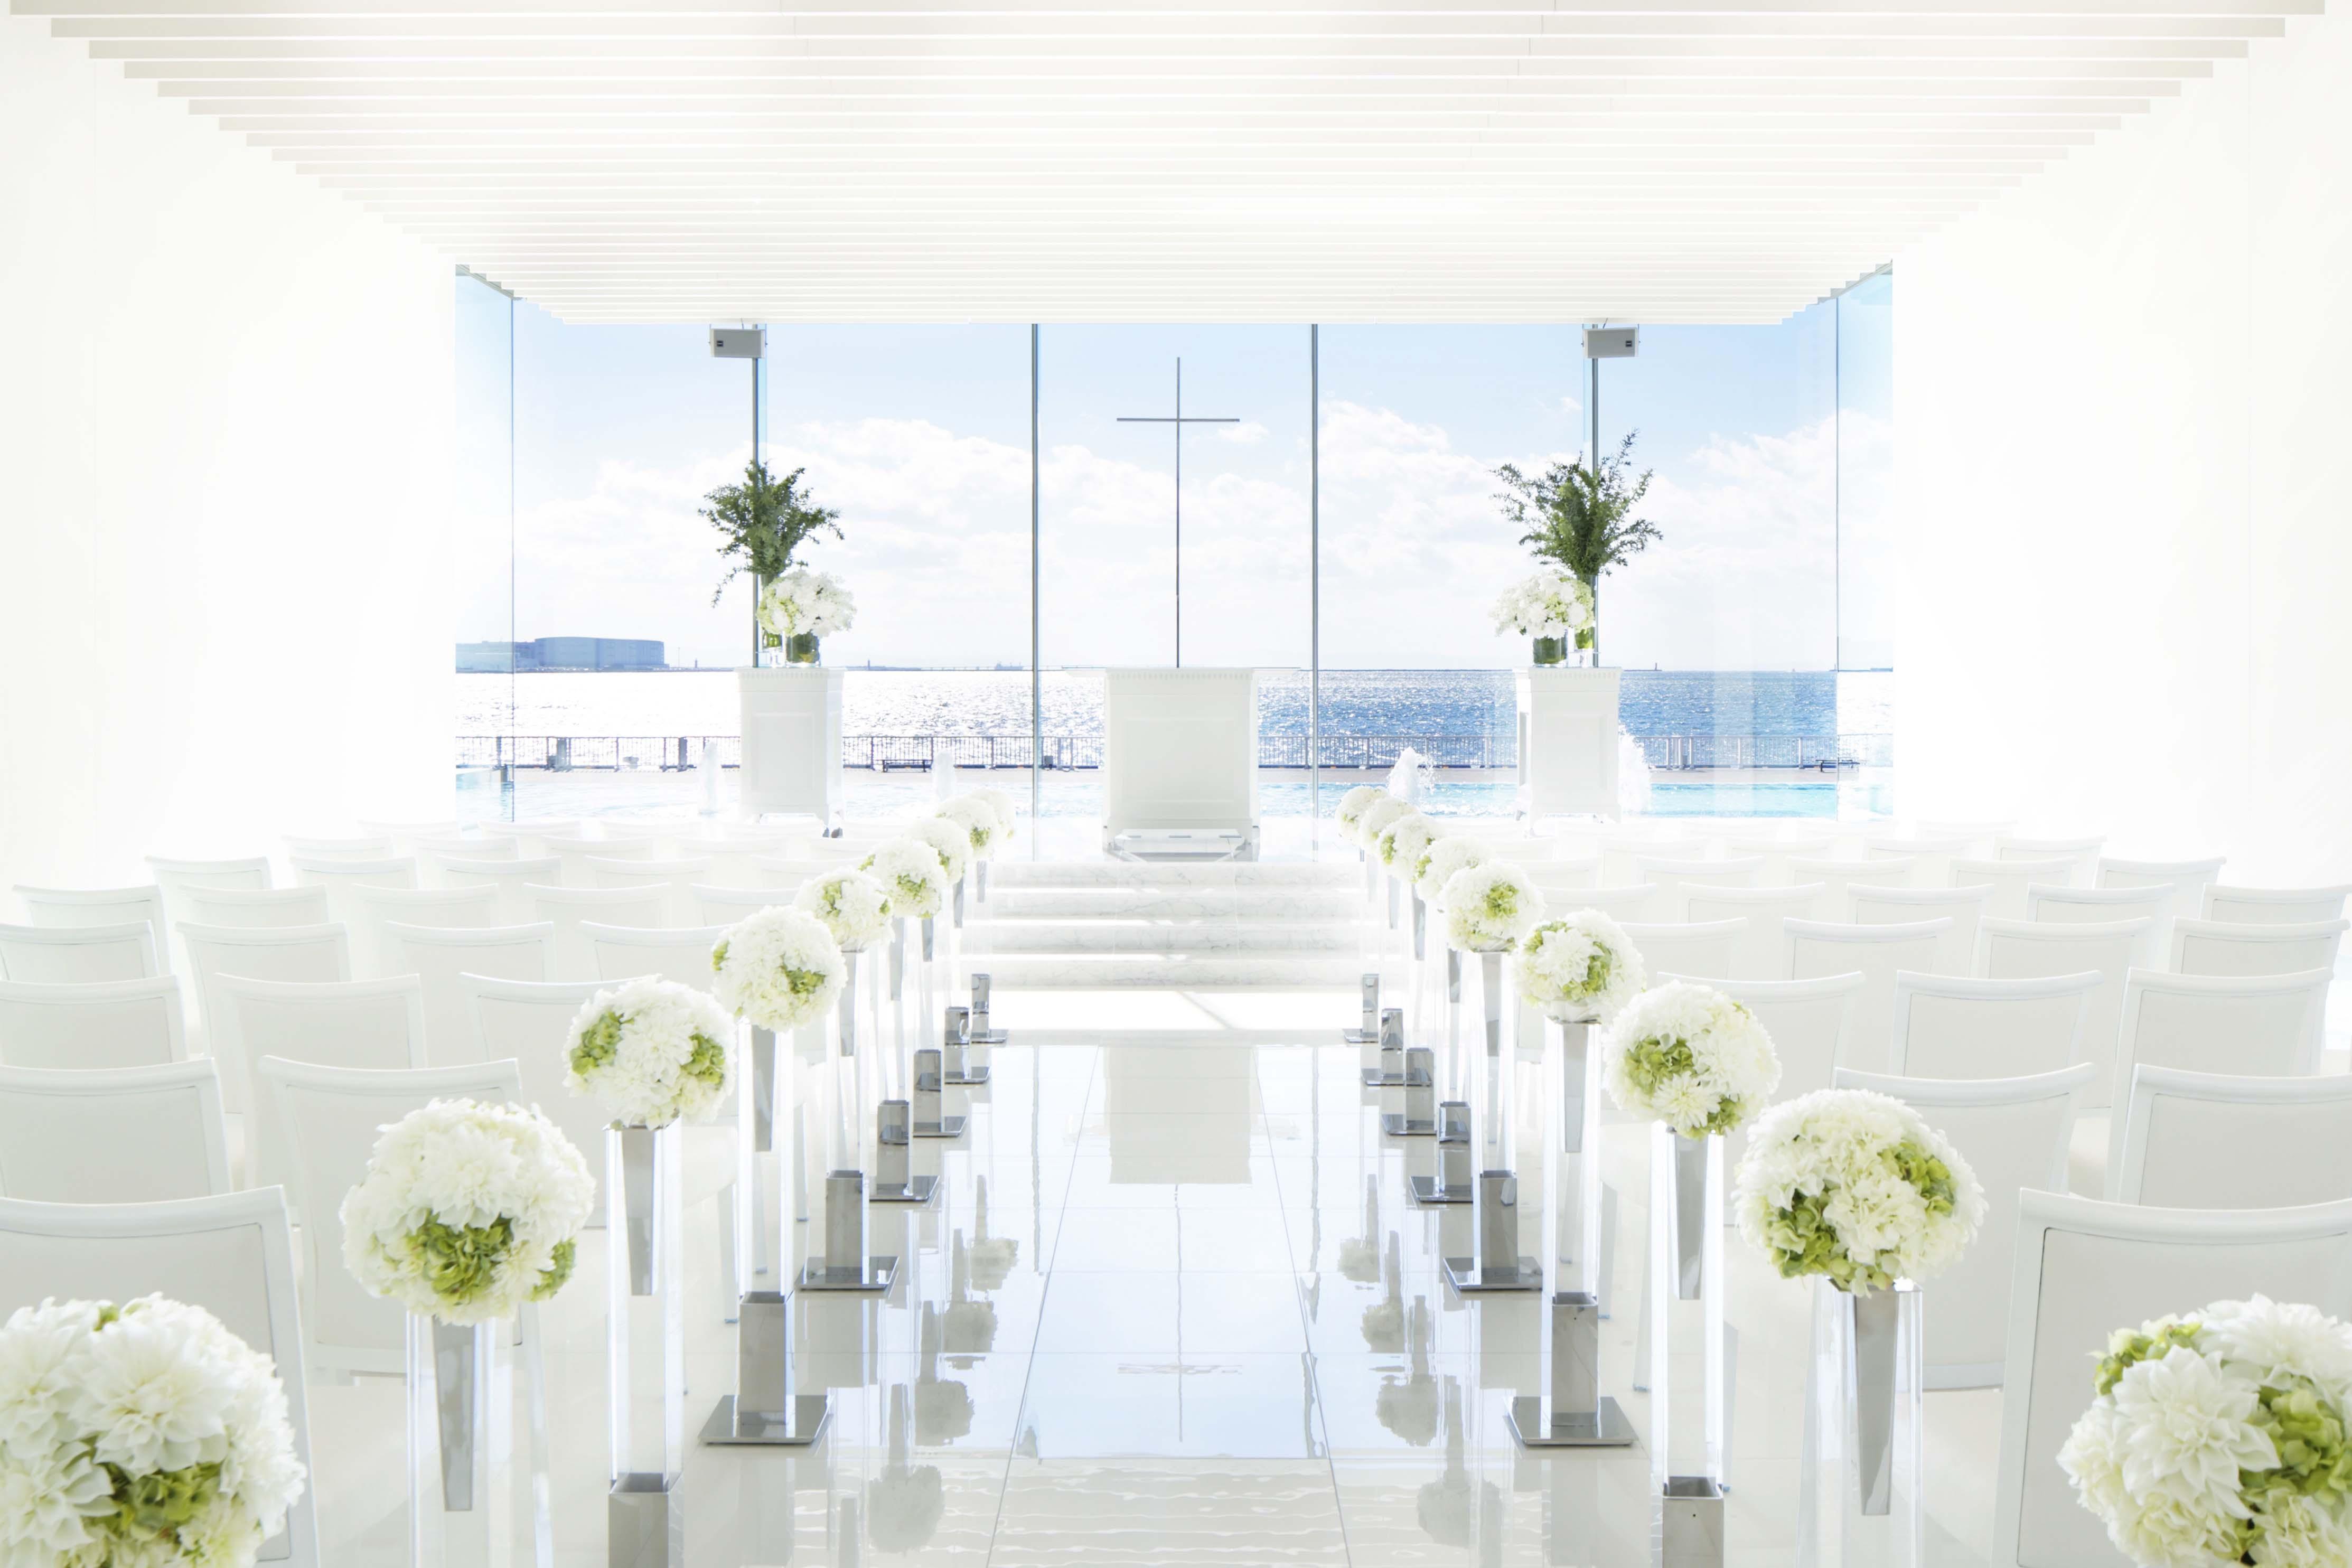 神戸開港150年記念 光のチャペル★ルミエール ランチョン・コンサート